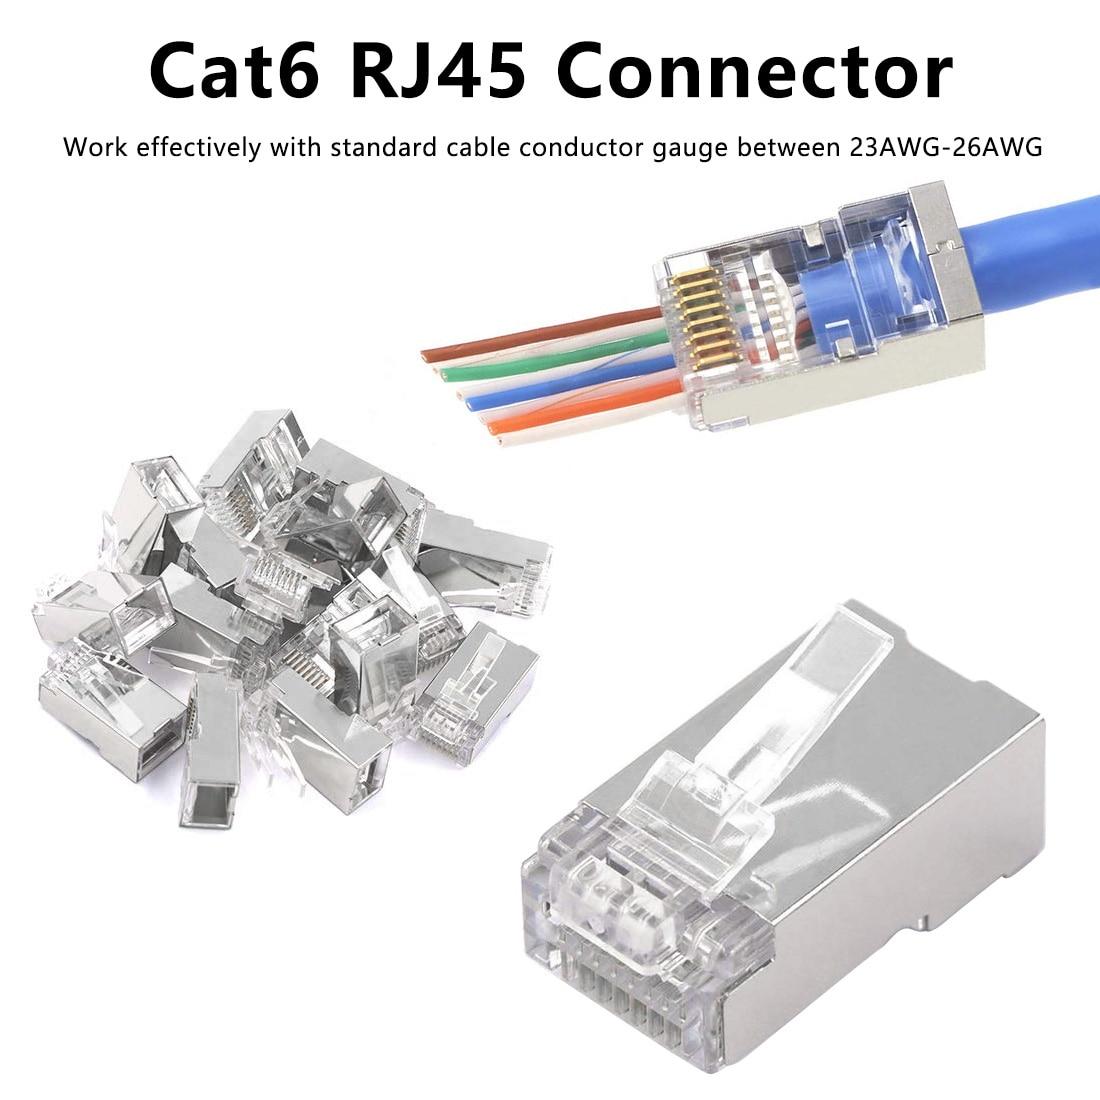 Сетевой кабель Cat6 RJ45 Разъем модульный кабель Ethernet Головка Штекер Cat 6 обжимной сети RJ 45 позолоченный